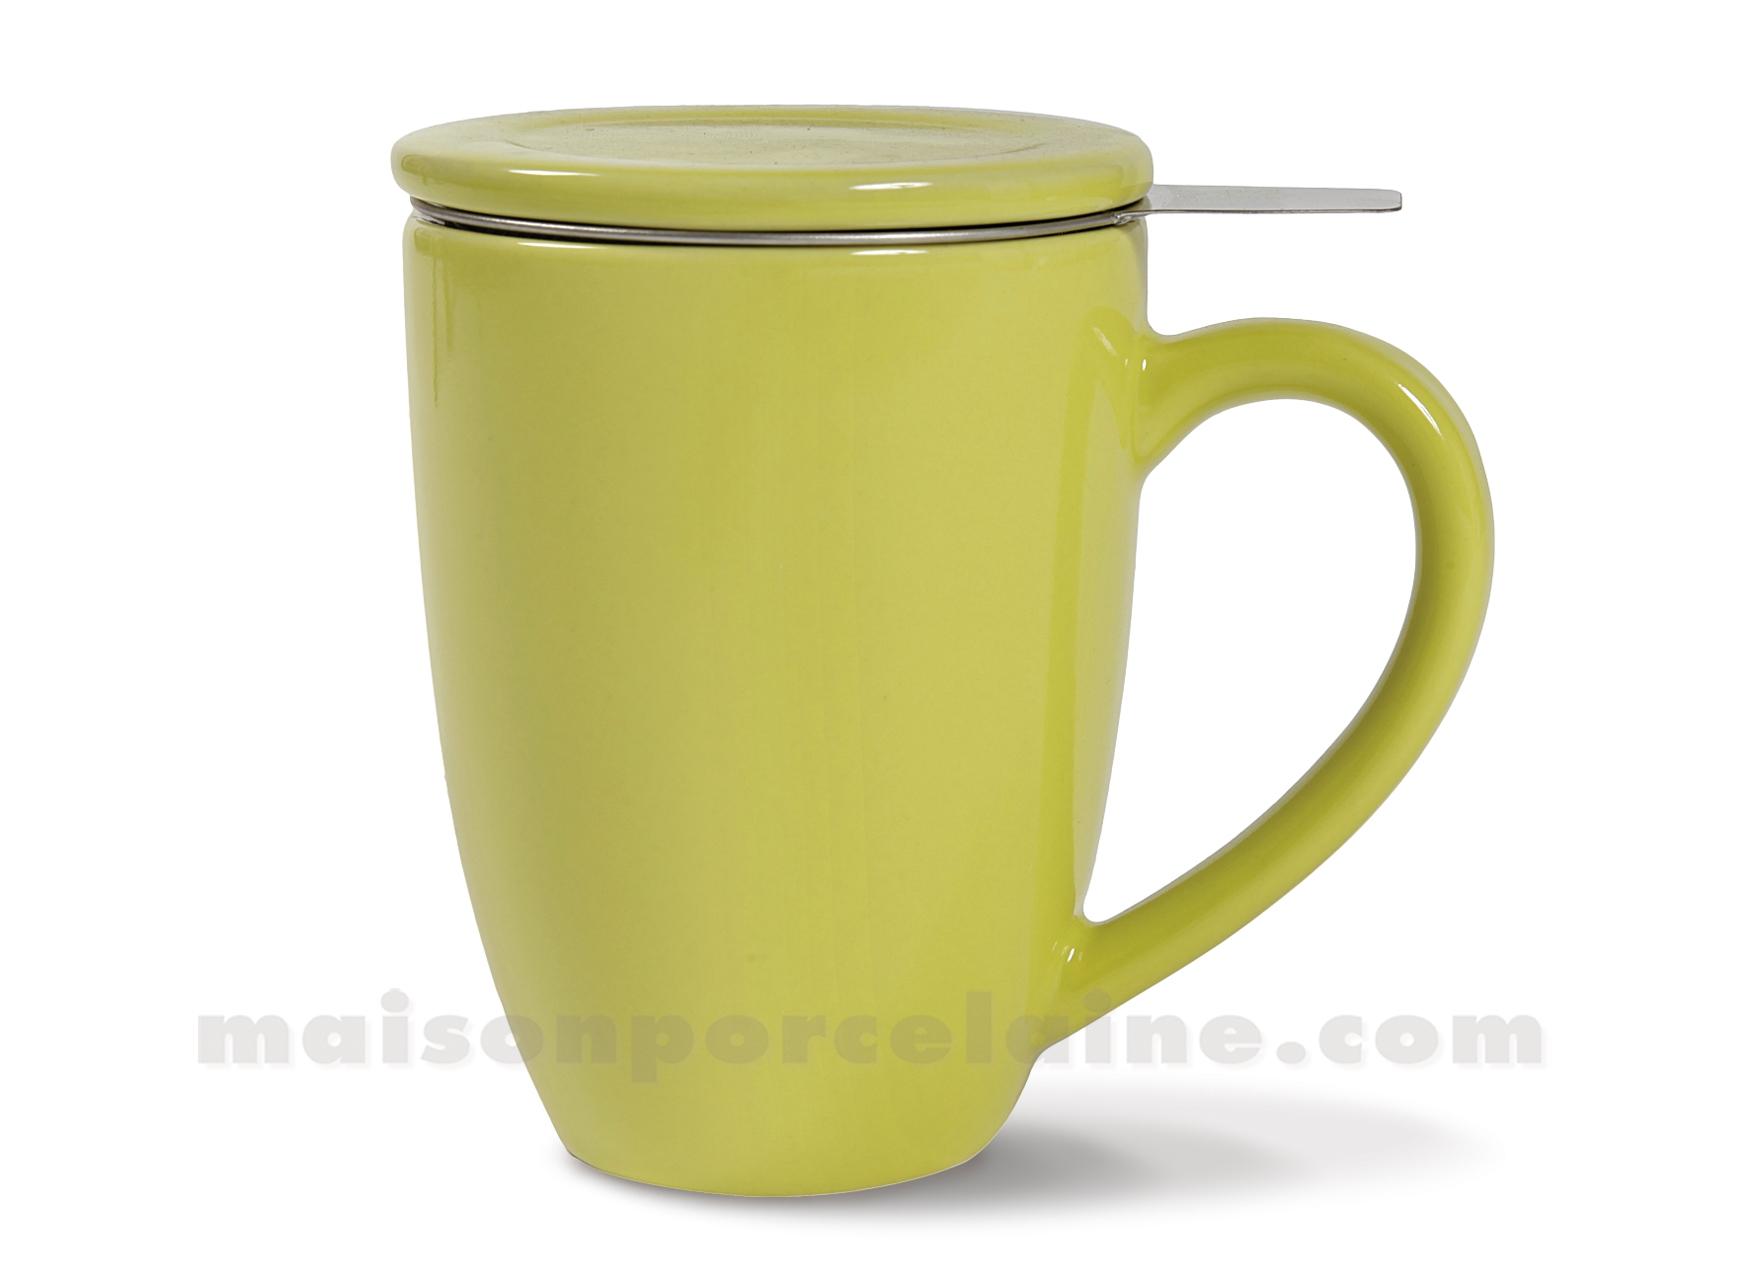 tasse tisaneavec couvercle ceramique vert anis filtre inox maison de la porcelaine. Black Bedroom Furniture Sets. Home Design Ideas